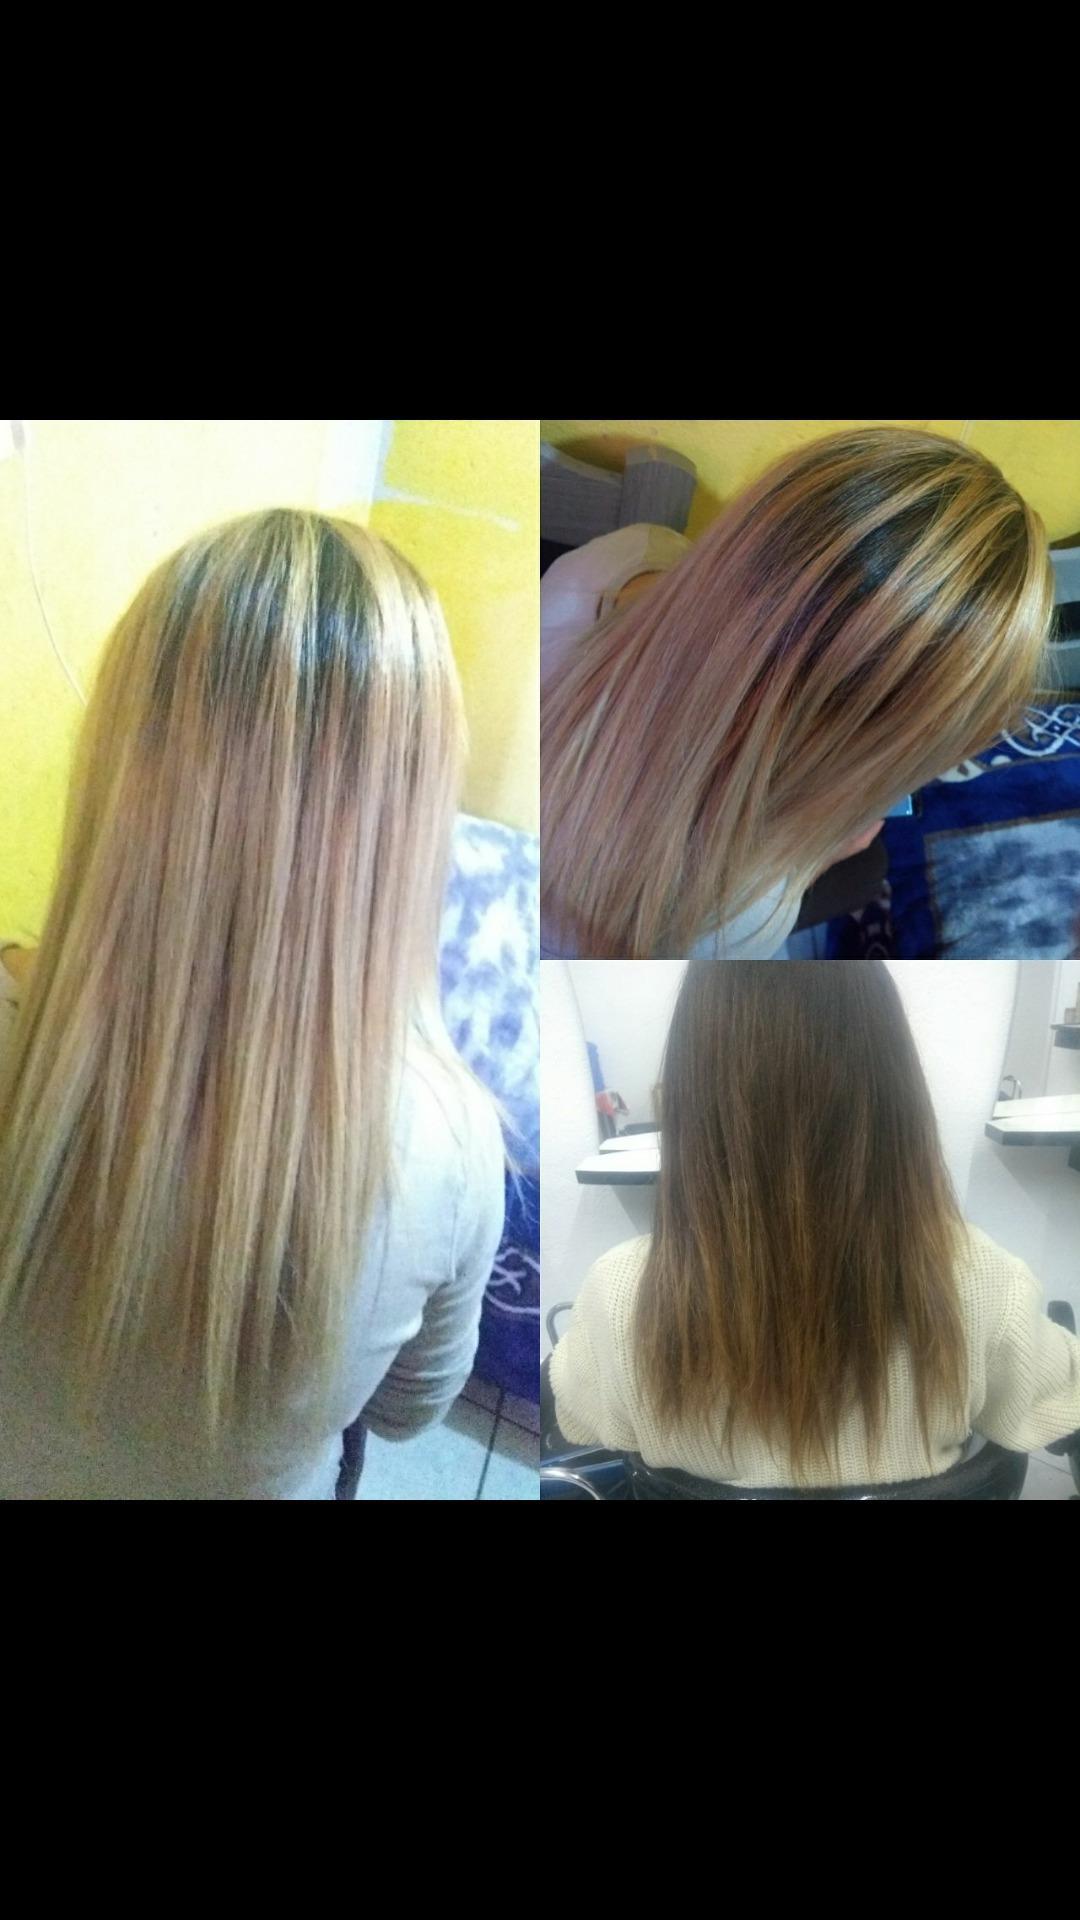 Raiz esfumada cabelo estudante (cabeleireiro) auxiliar cabeleireiro(a)